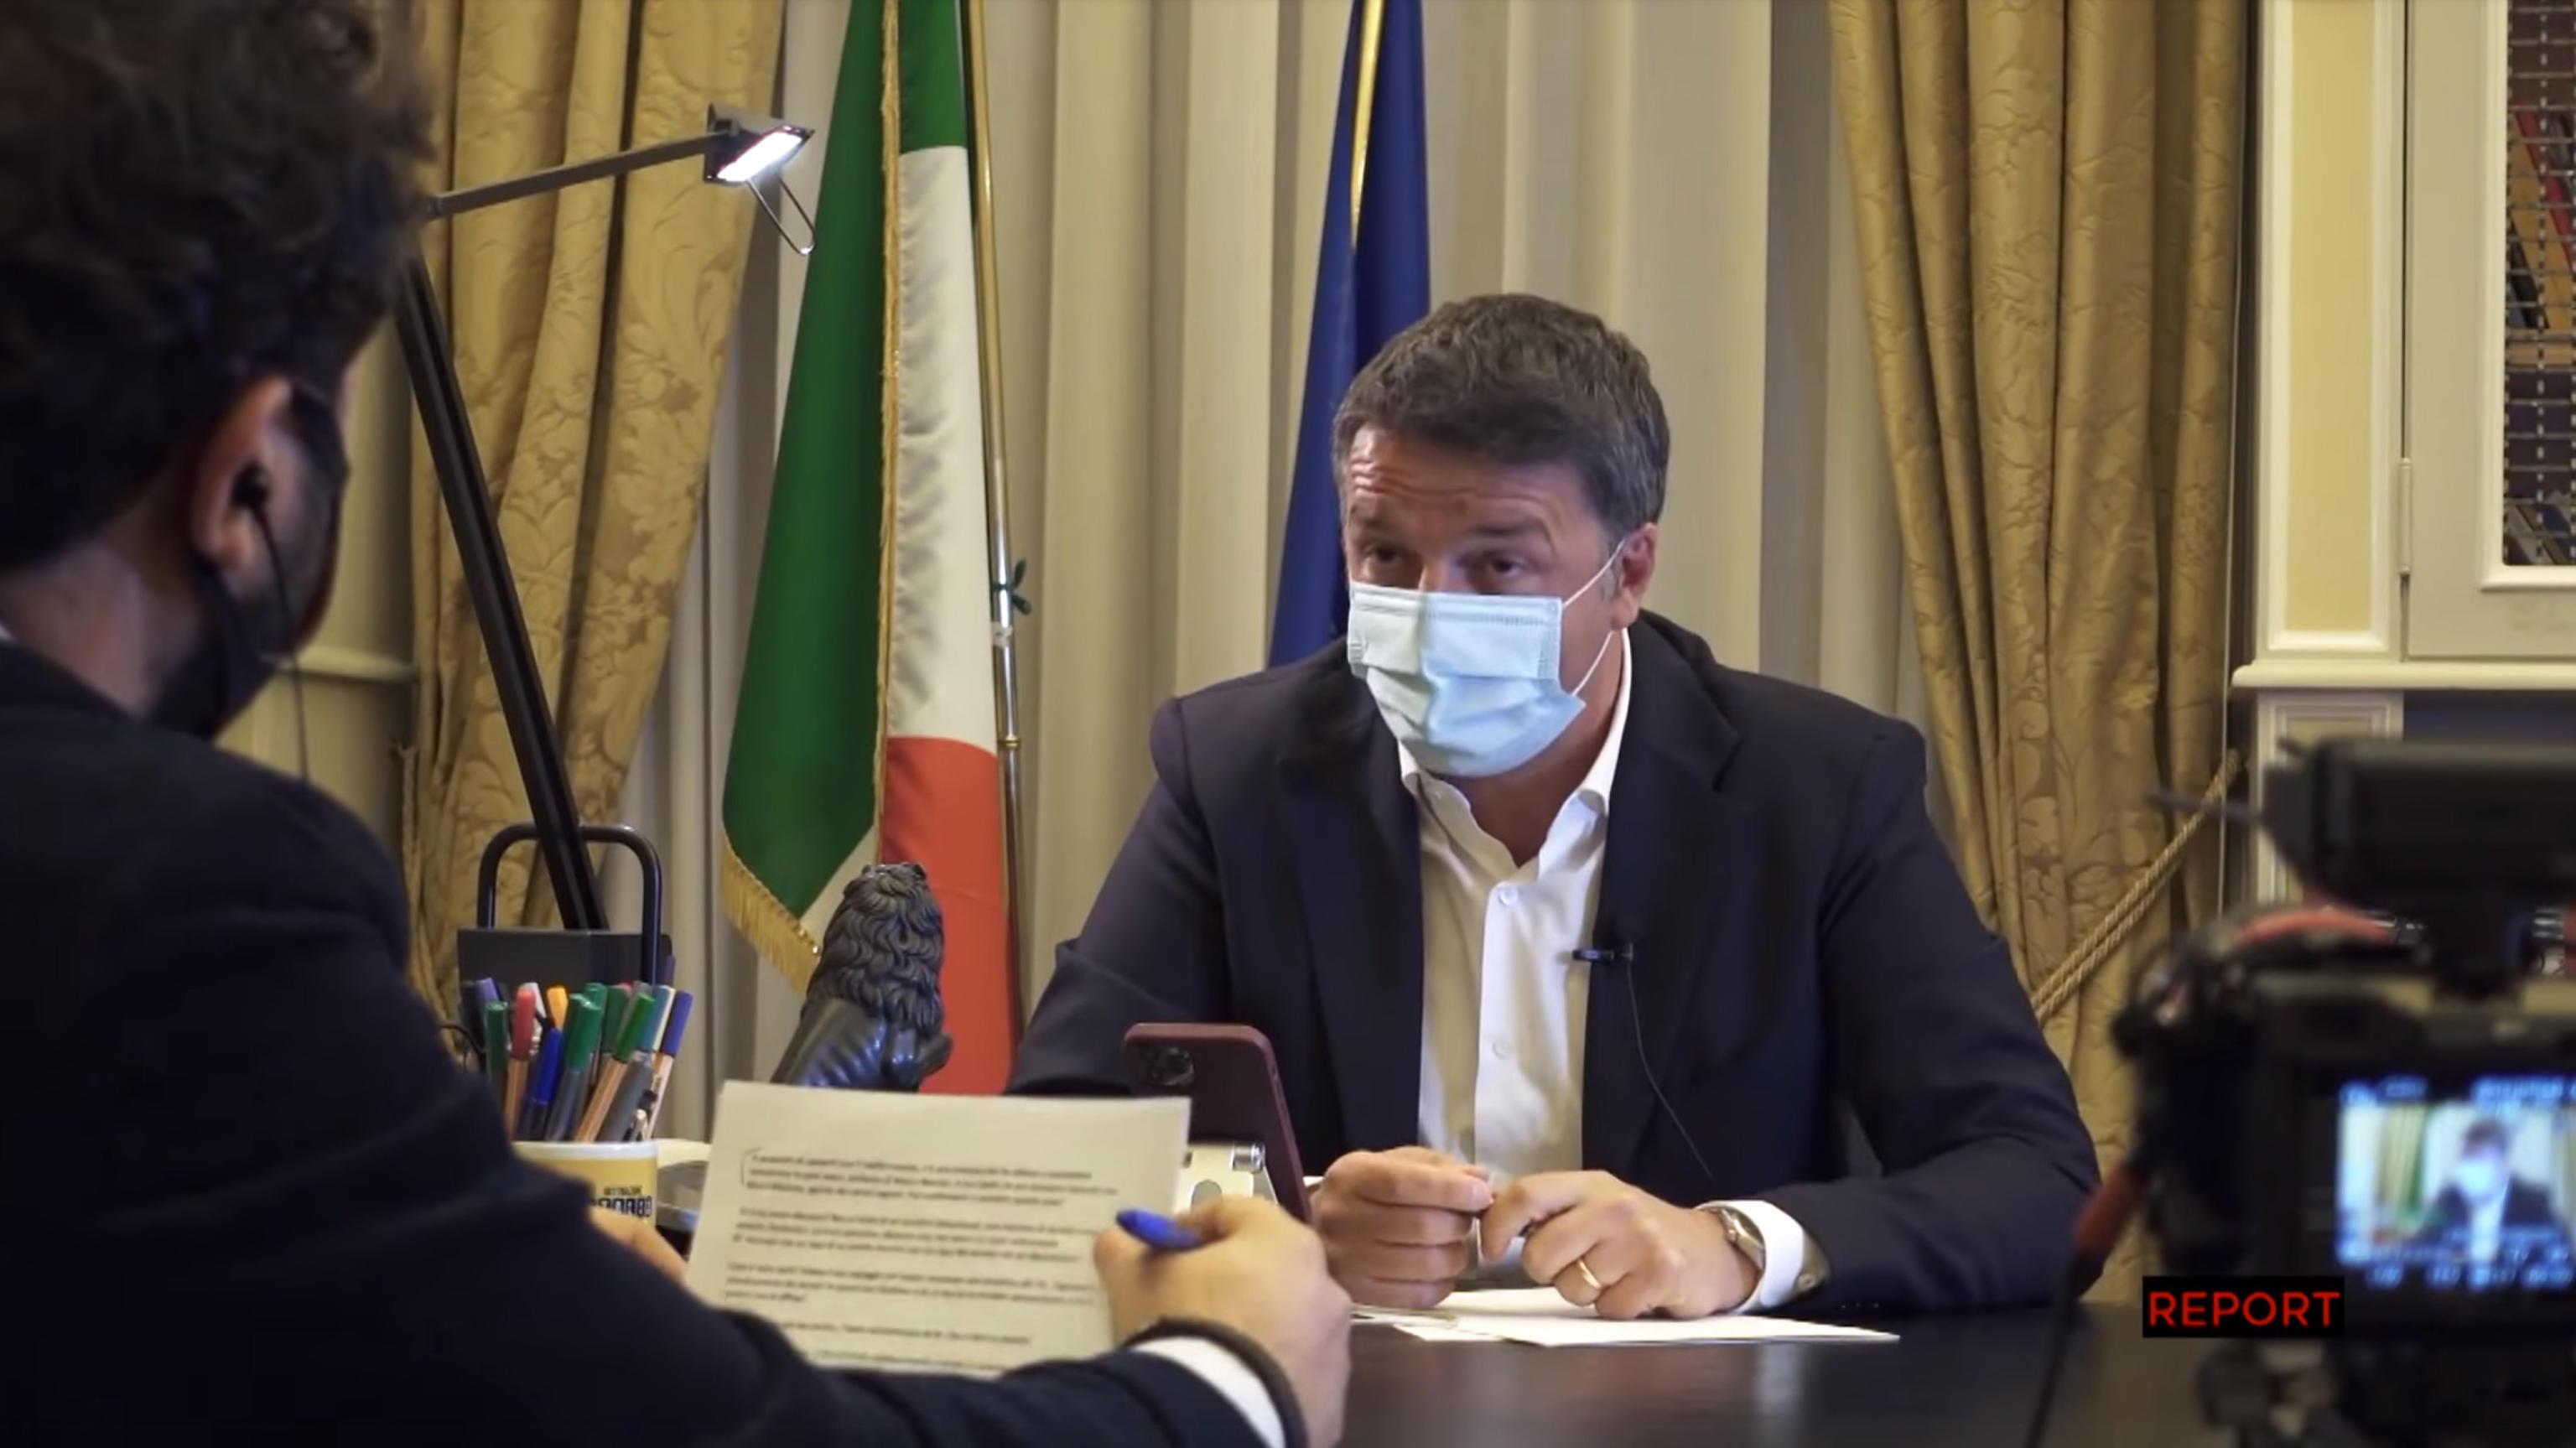 Dopo il servizio sull'incontro con lo 007 Mancini, Renzi denuncia Report: «Intercettato e pedinato illegalmente»